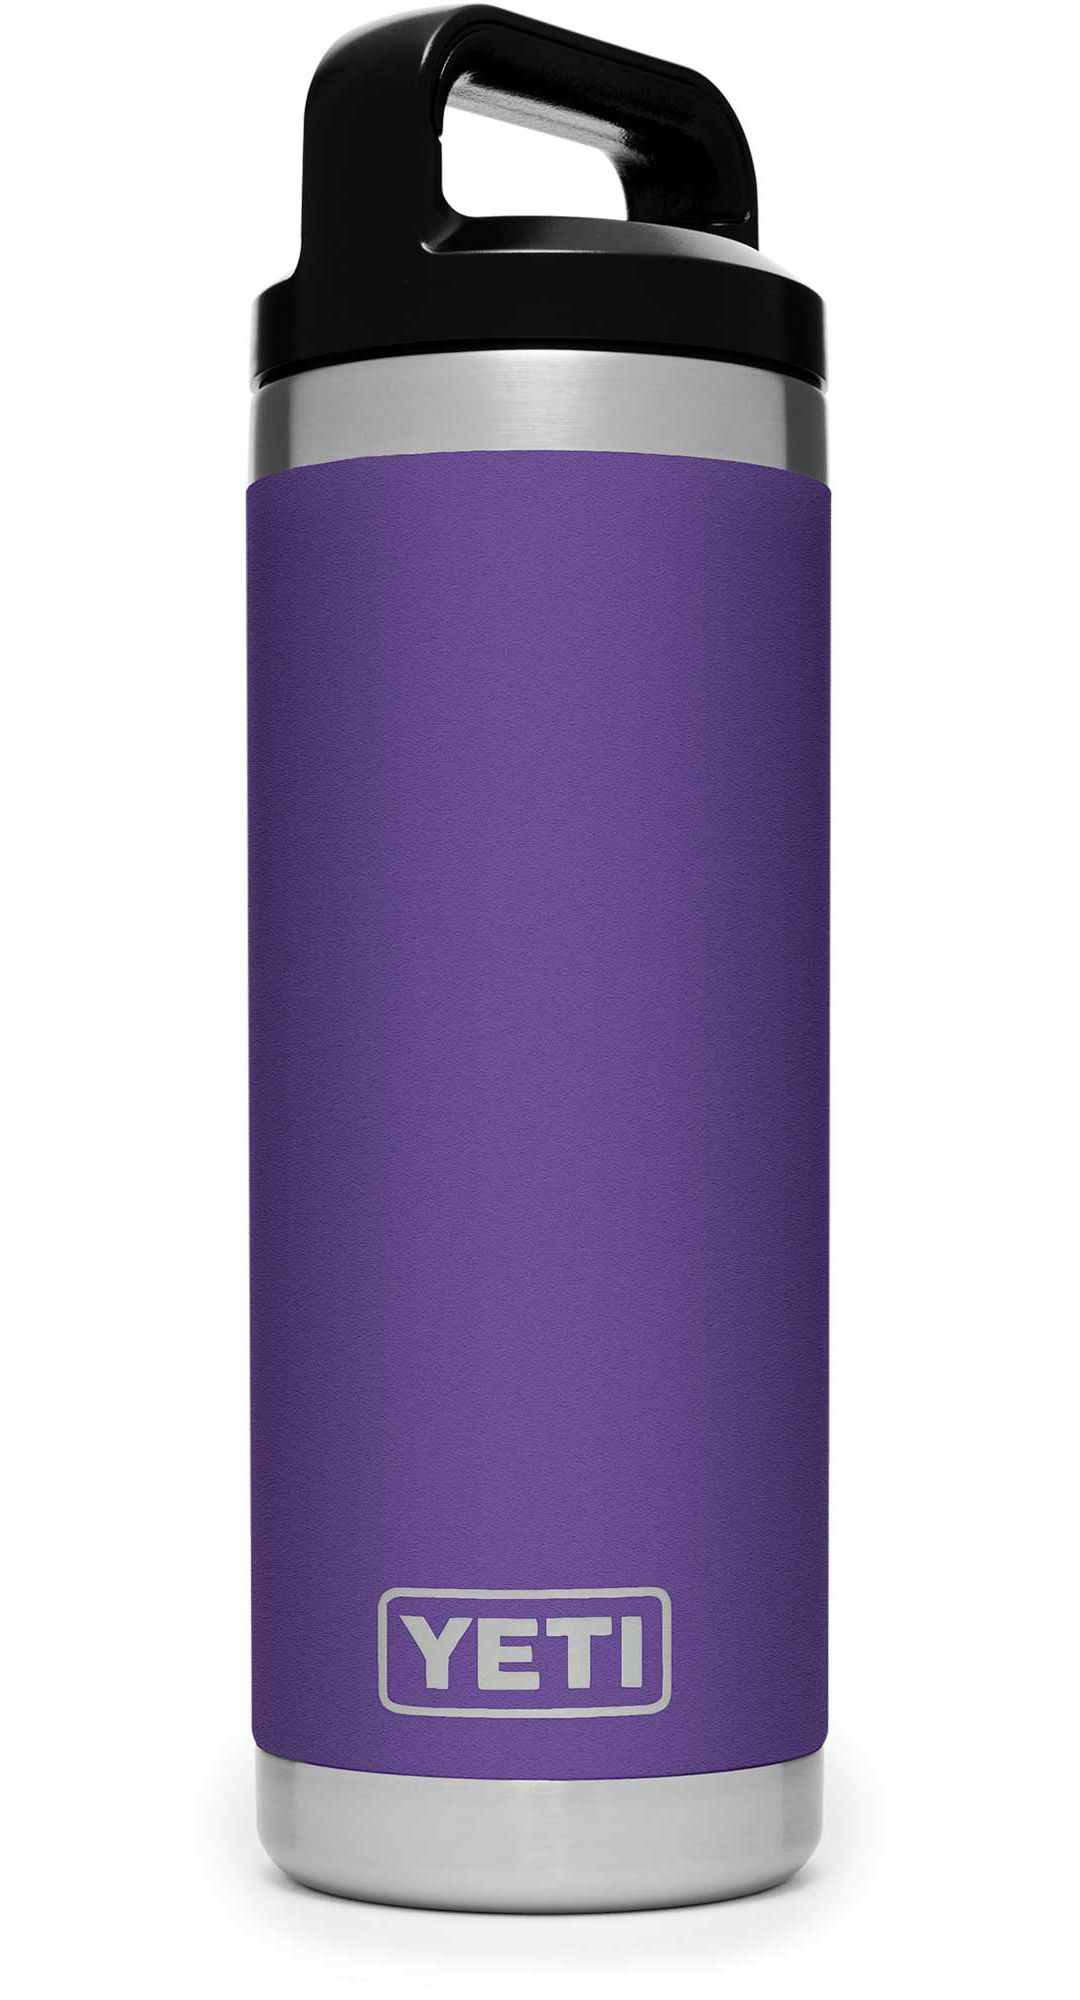 YETI 18 oz  Rambler Bottle